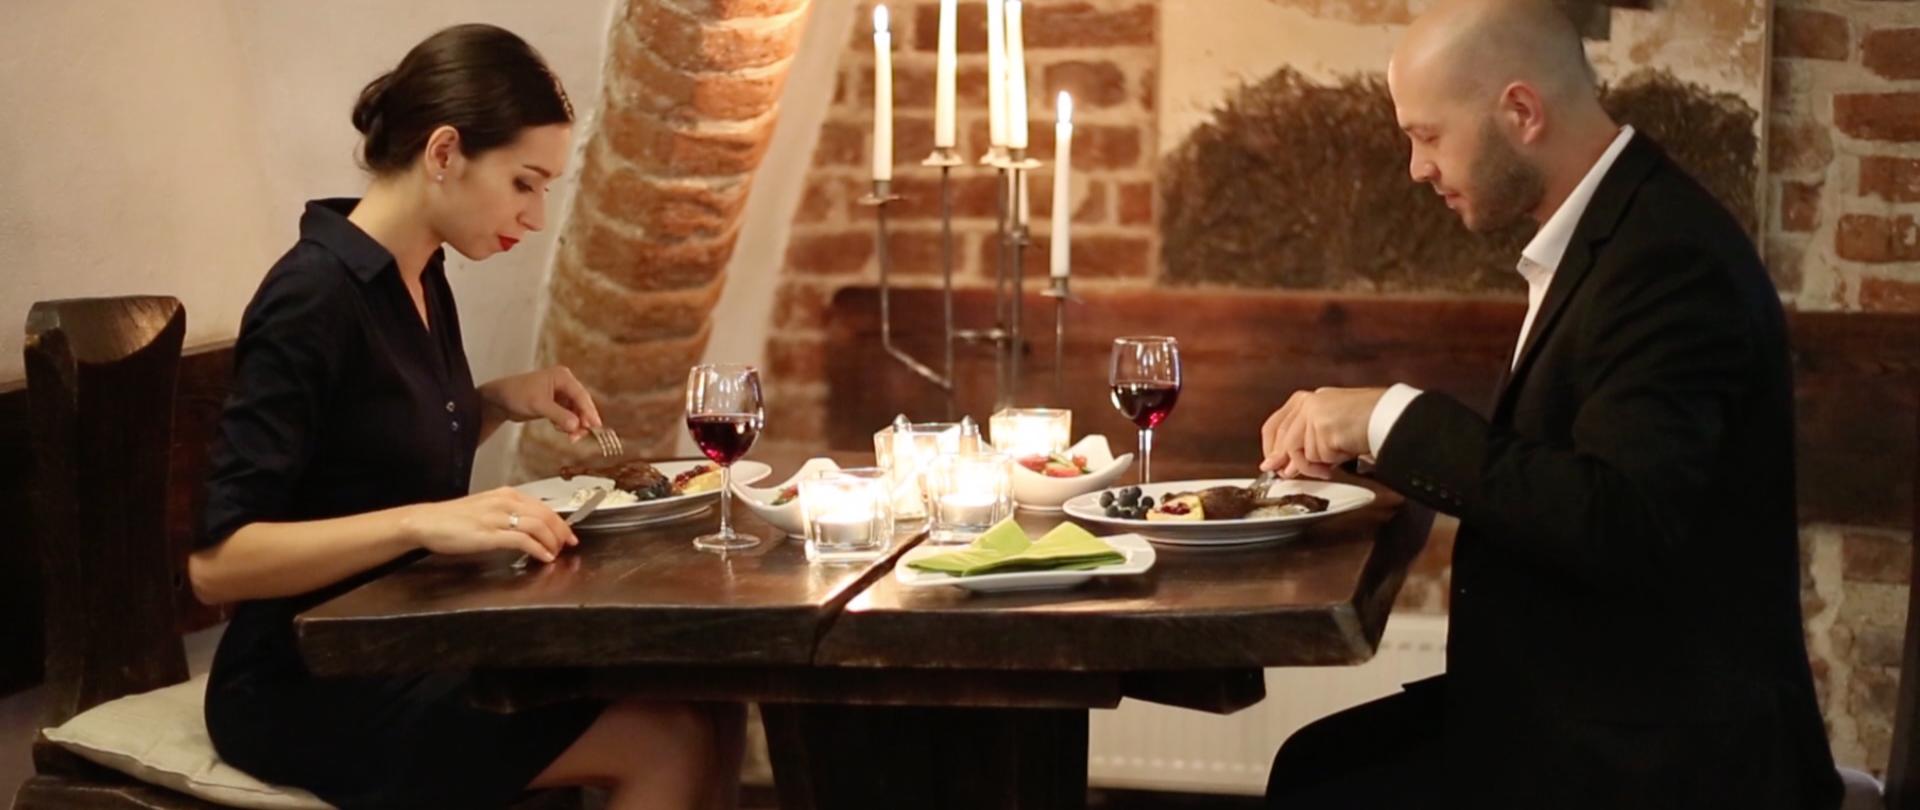 Voucher: Romantyczna Kolacja dla dwojga